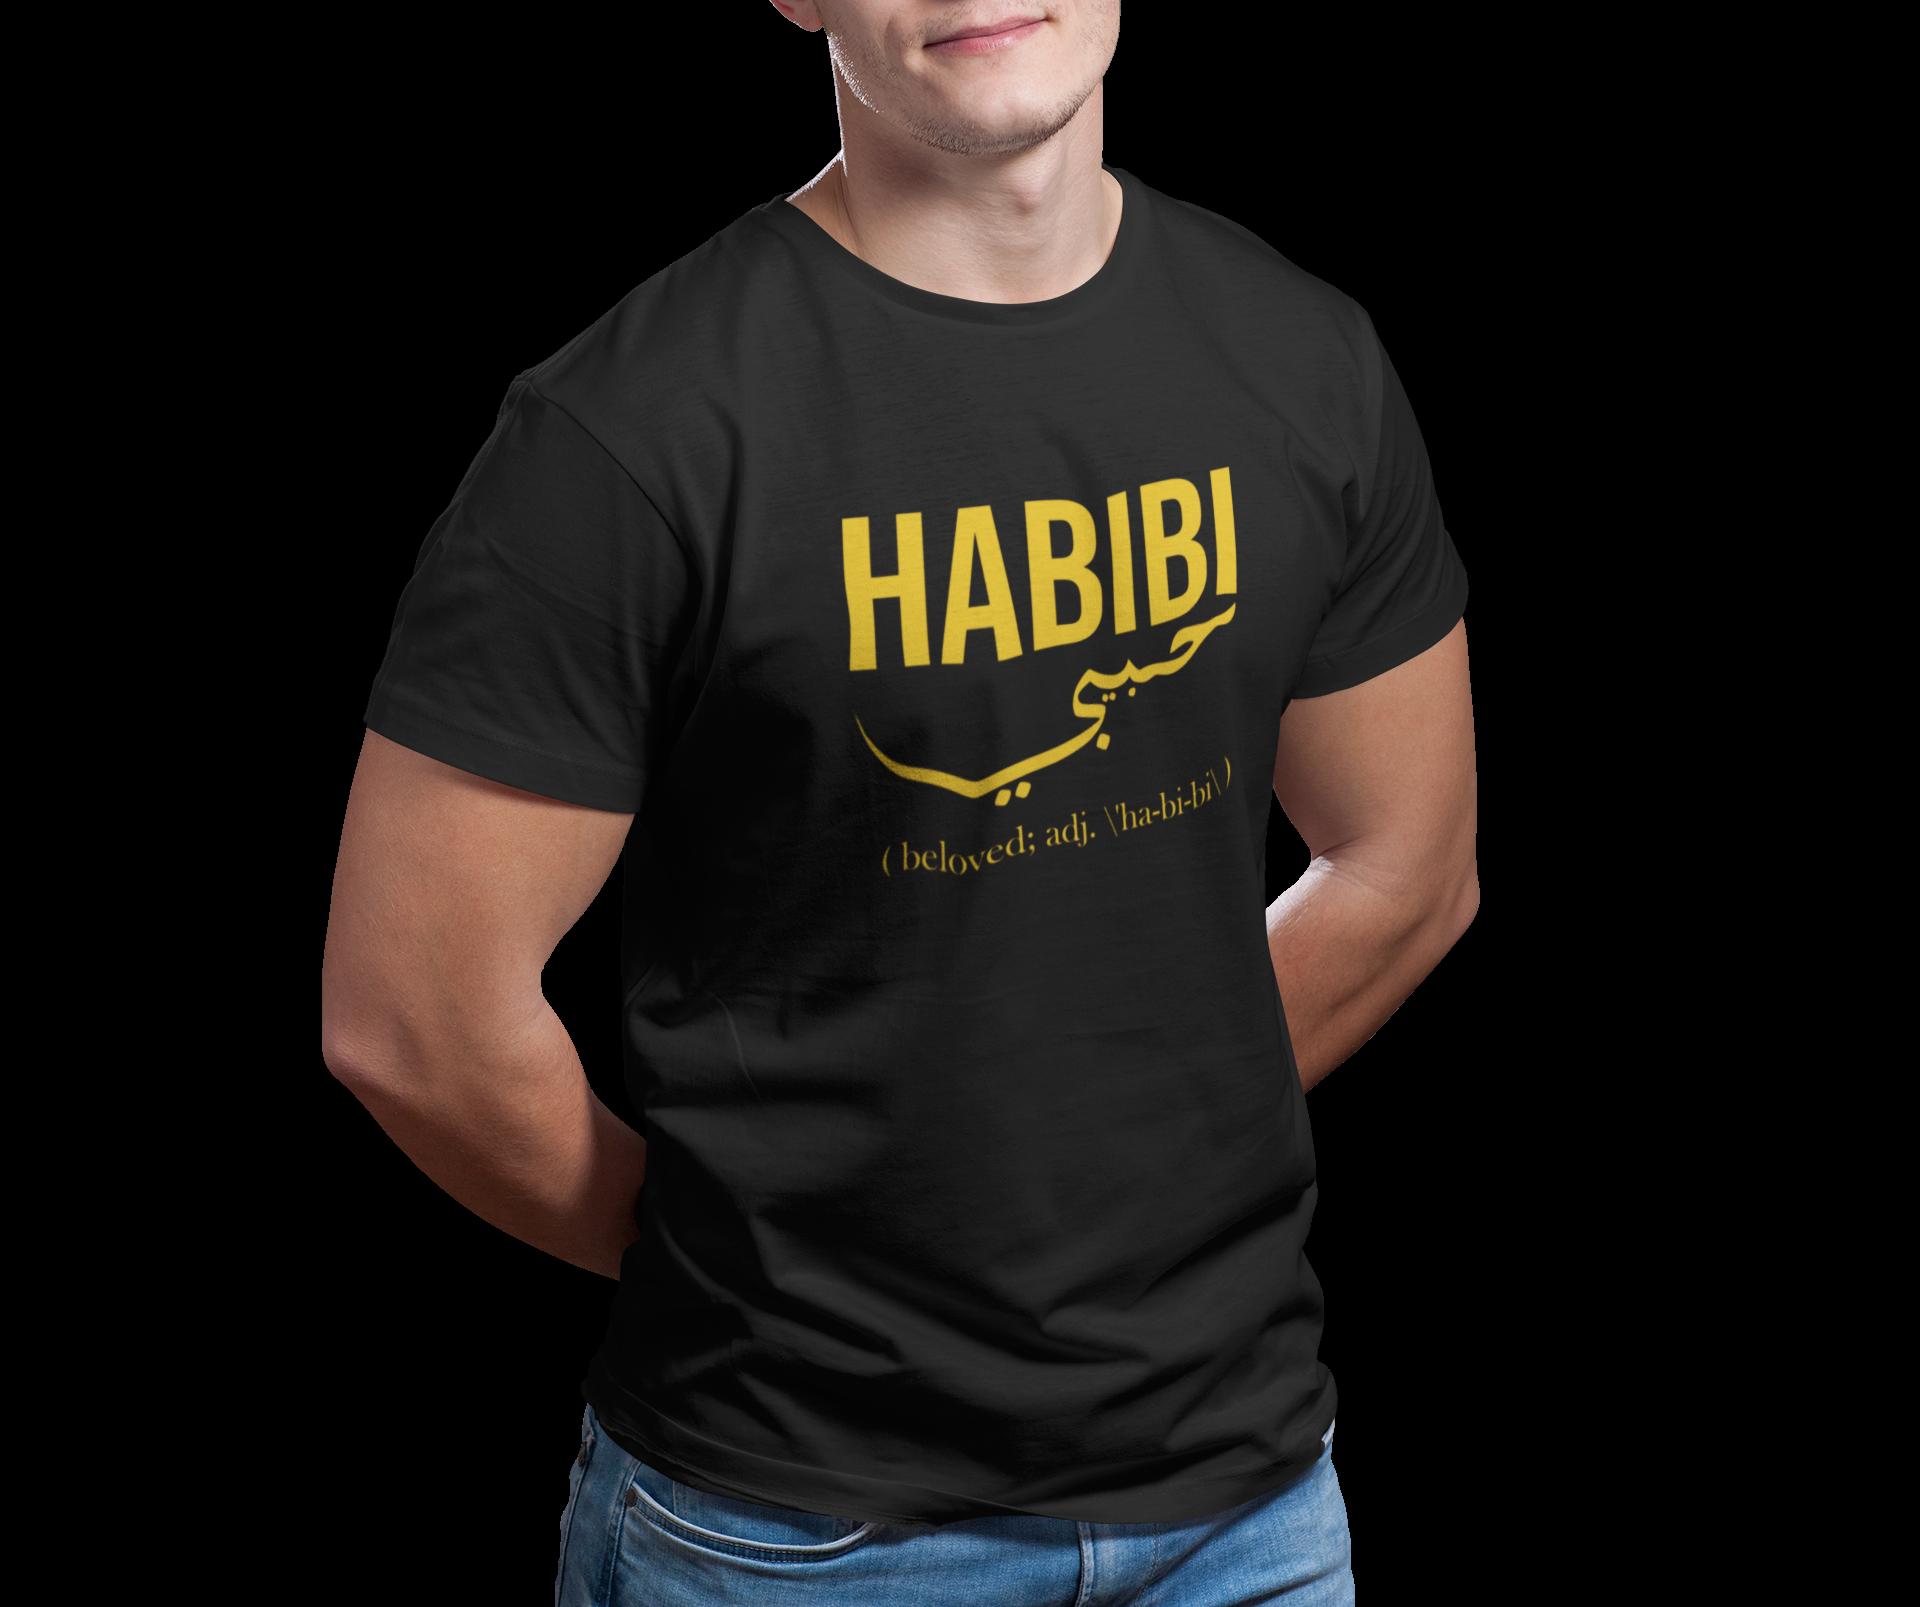 habibi in yellow